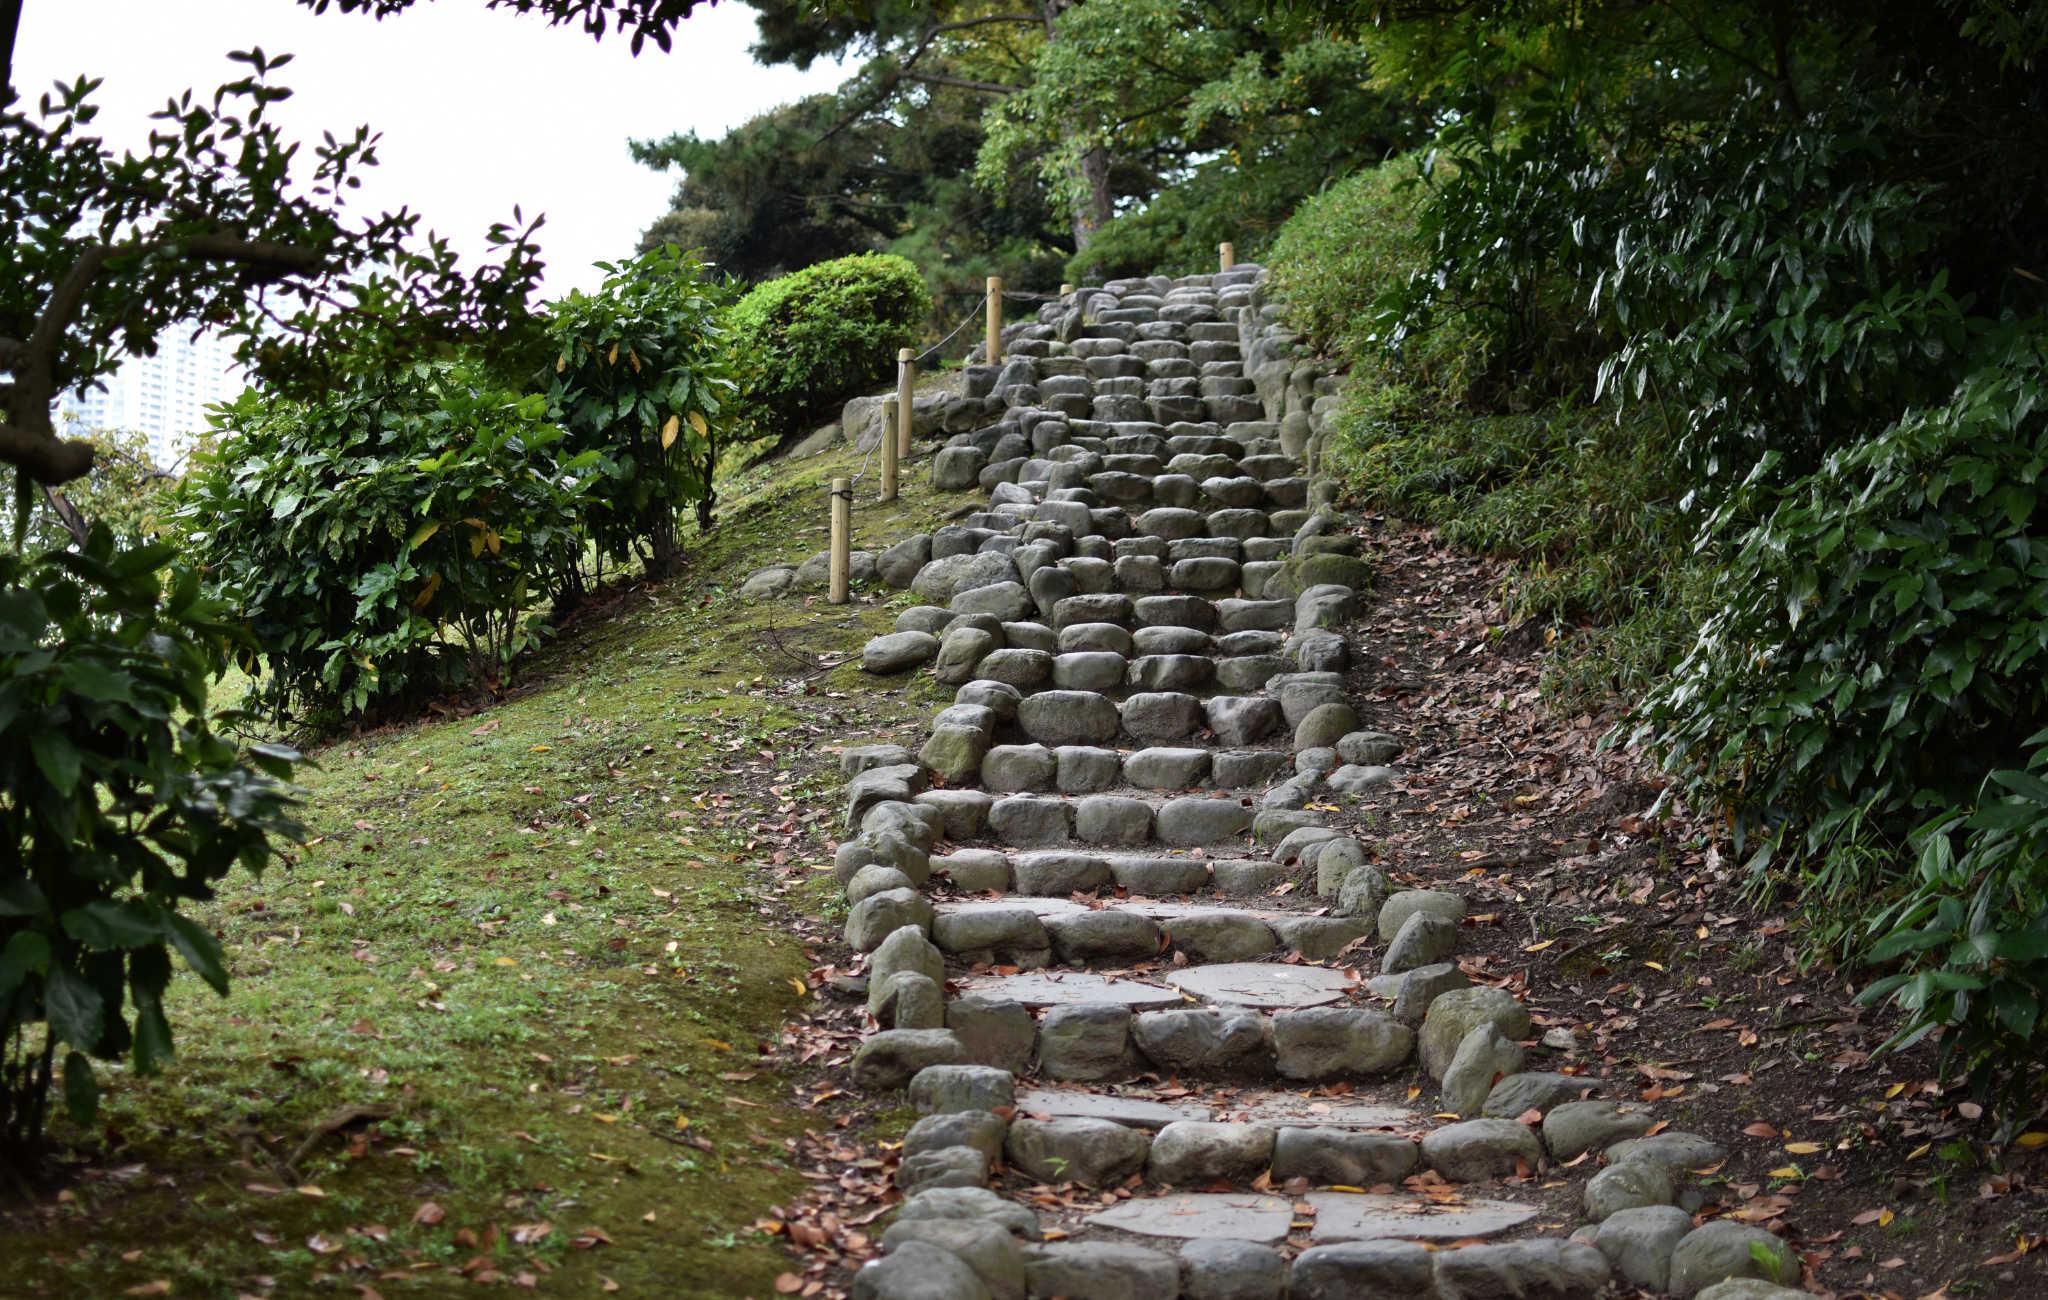 Un escalier de pierre permet d'accéder à un point de vue en haut du parc